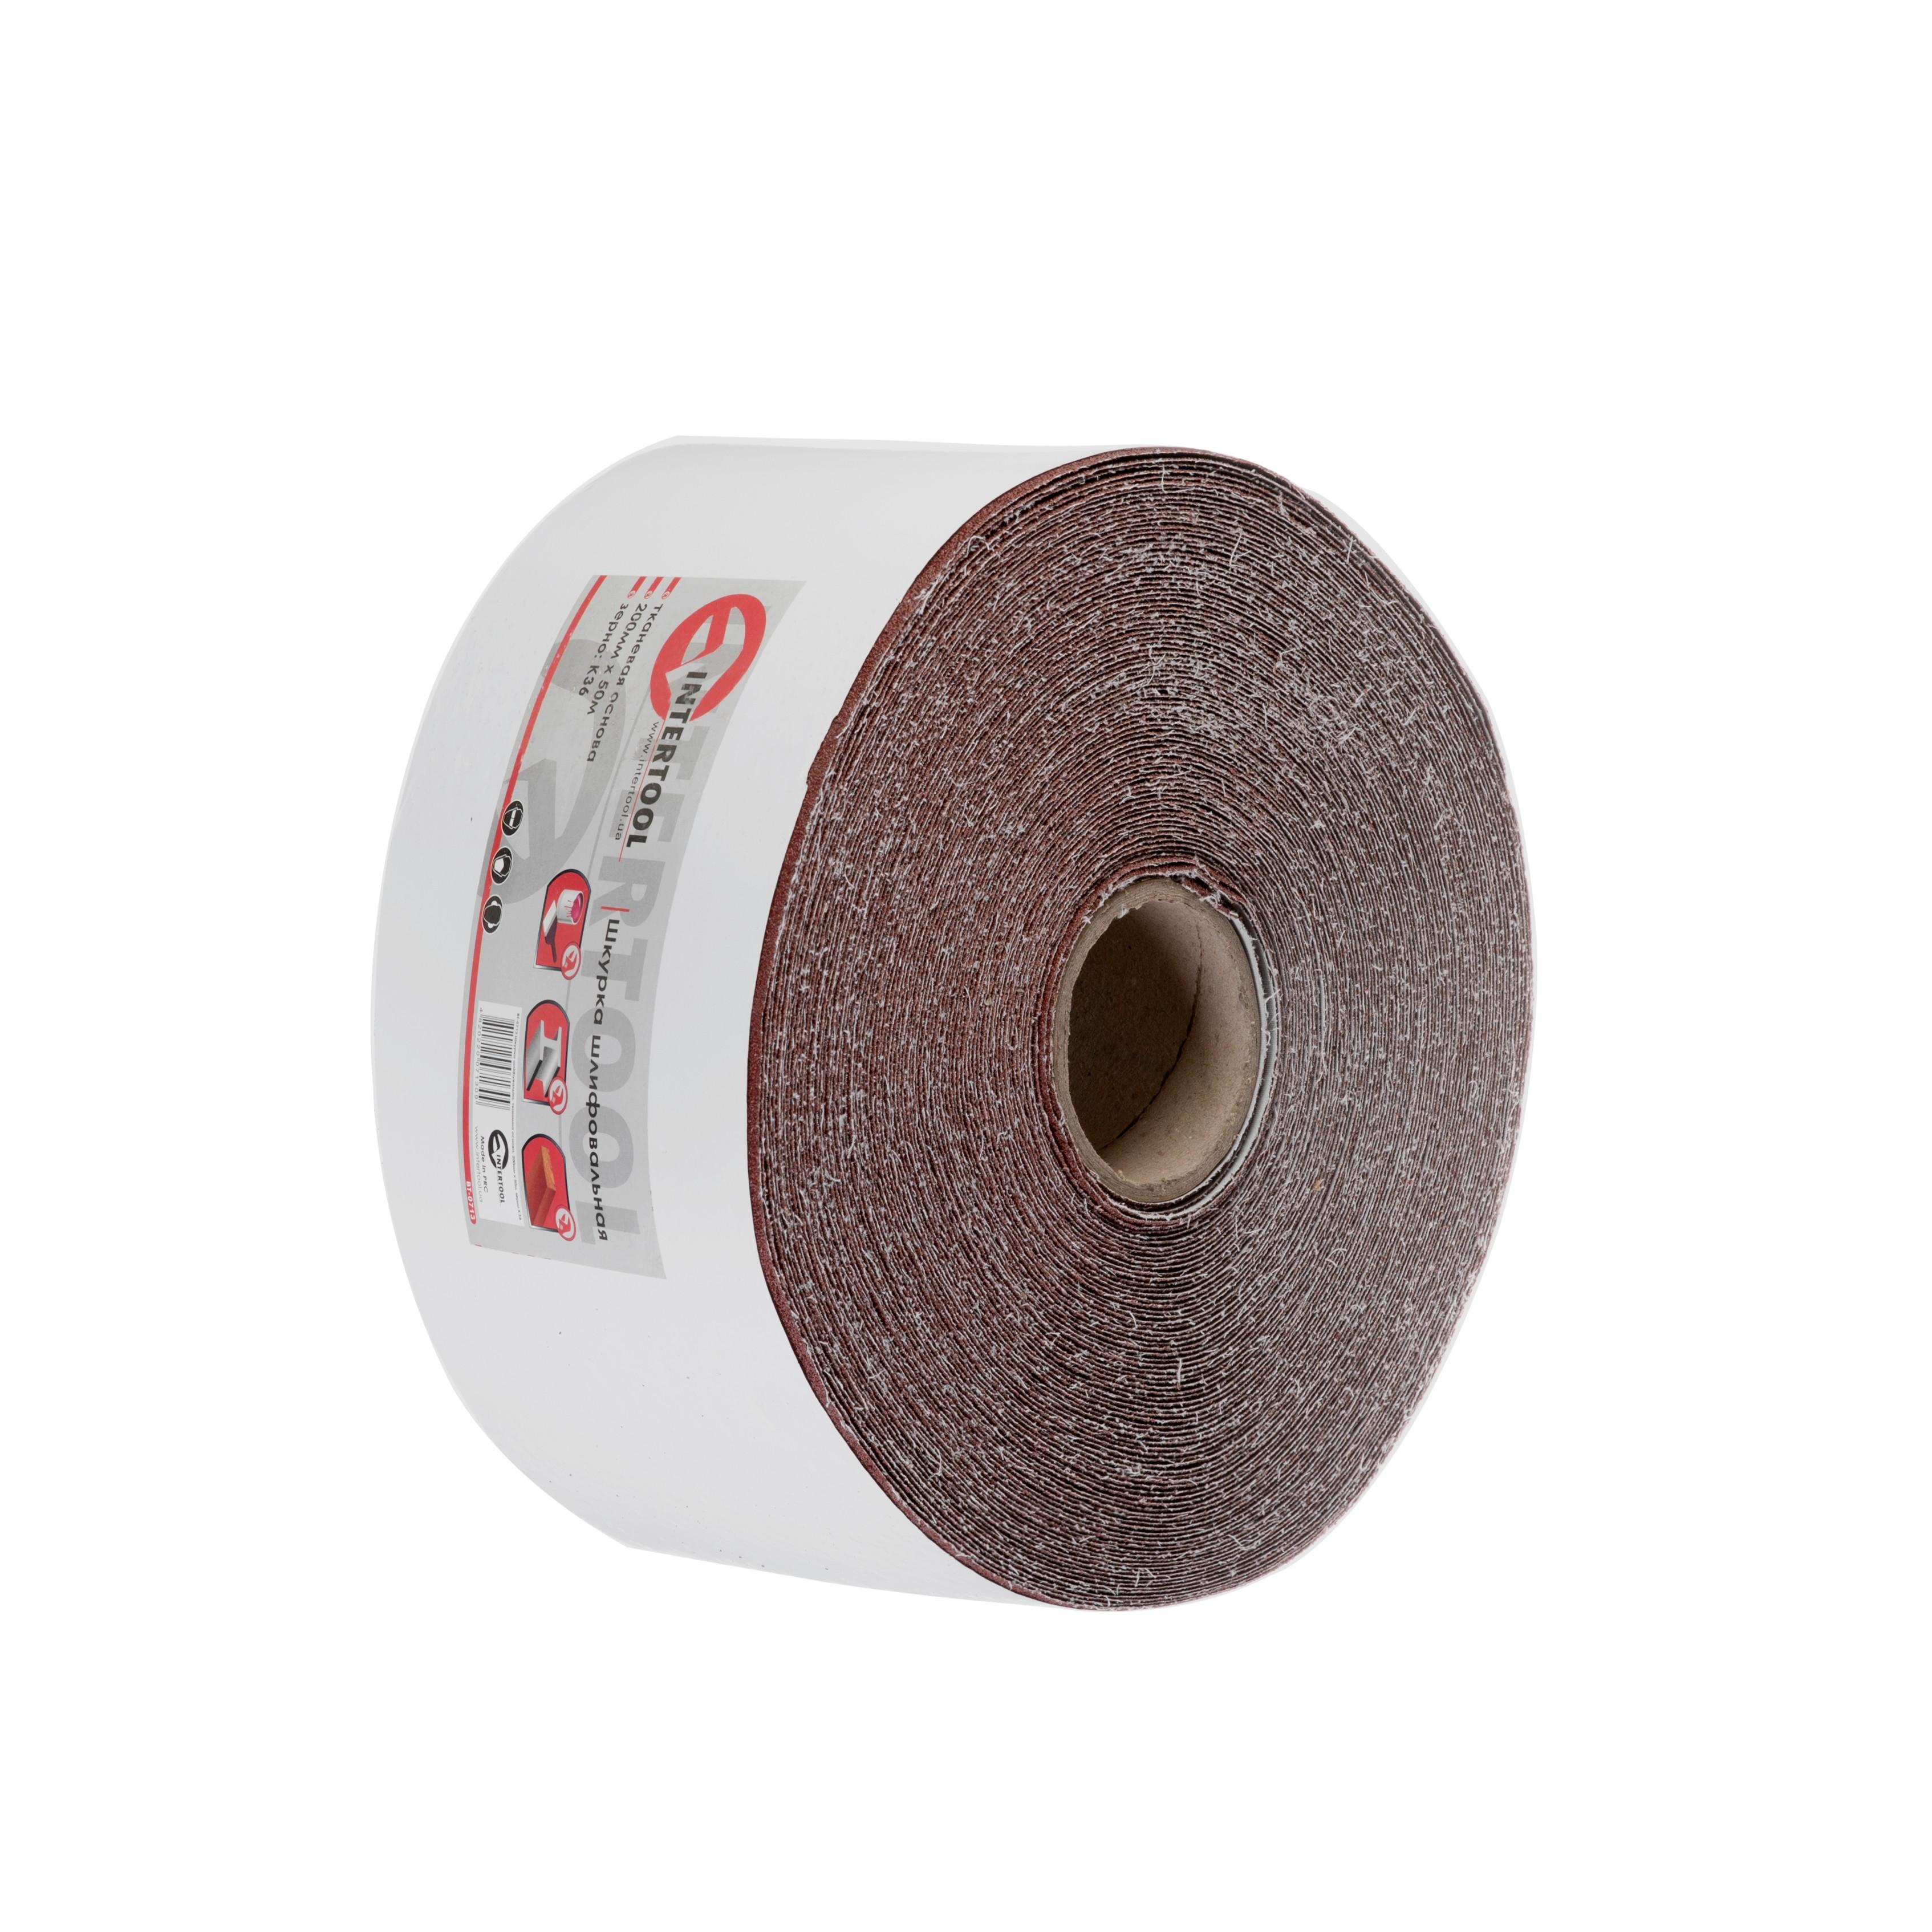 Шлифовальная шкурка на тканевой основе К36, 20 cм x 50 м INTERTOOL BT-